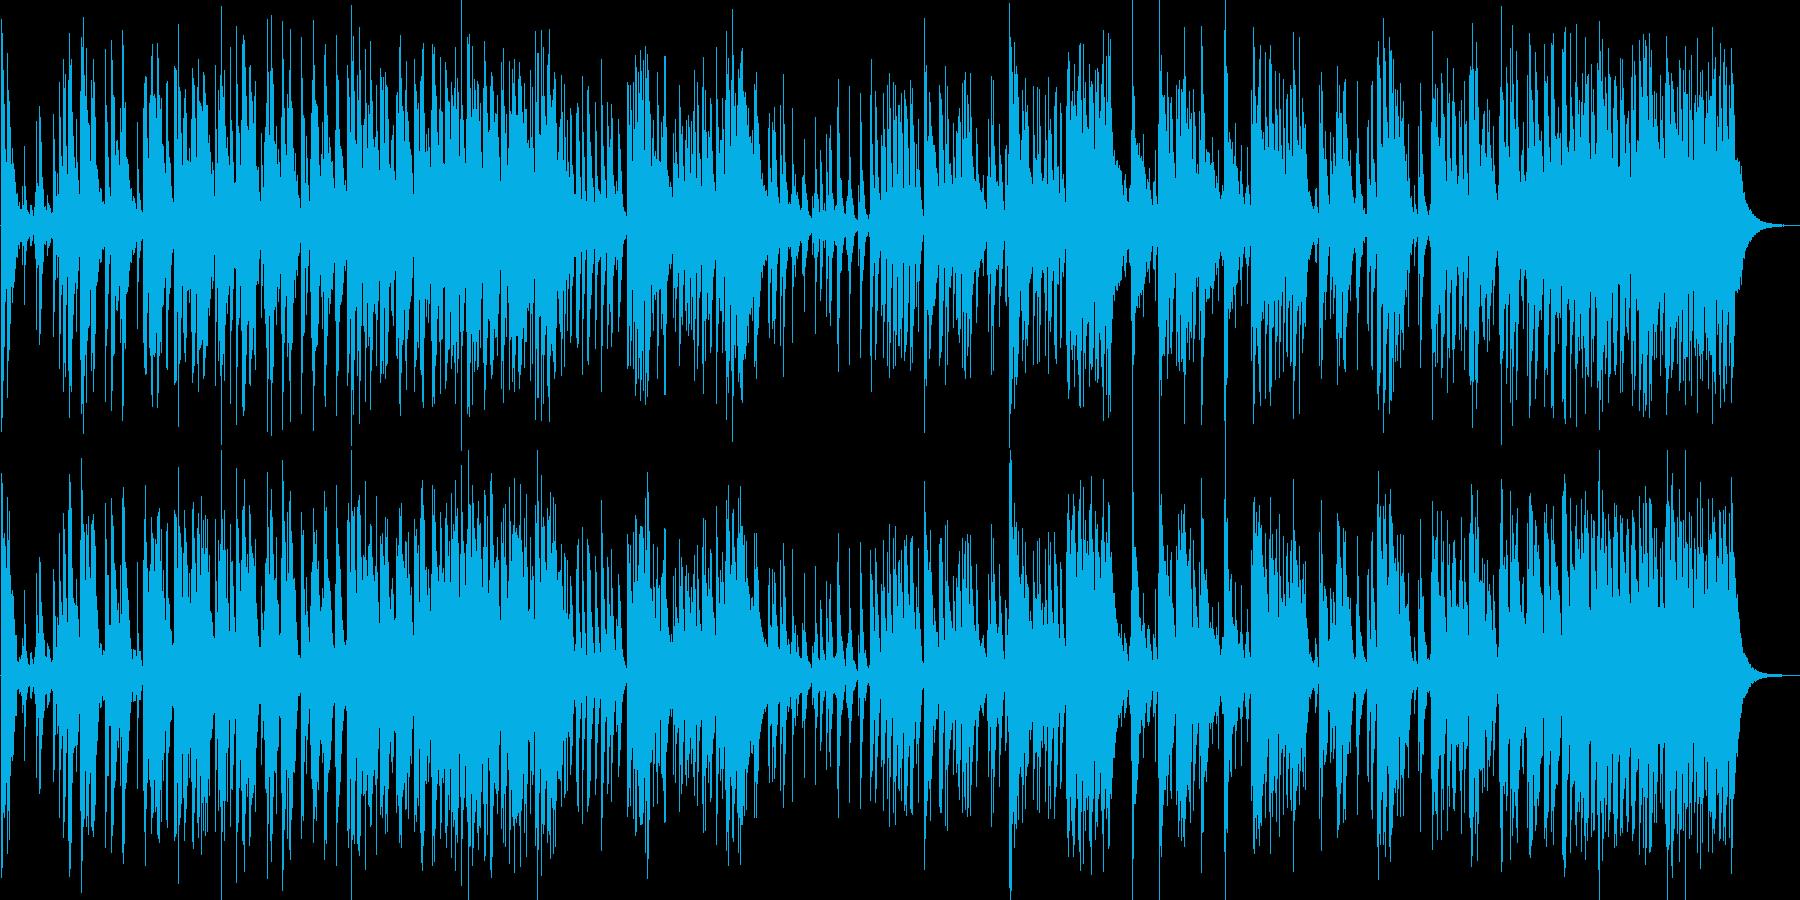 日本伝統音楽3(和太鼓)の再生済みの波形